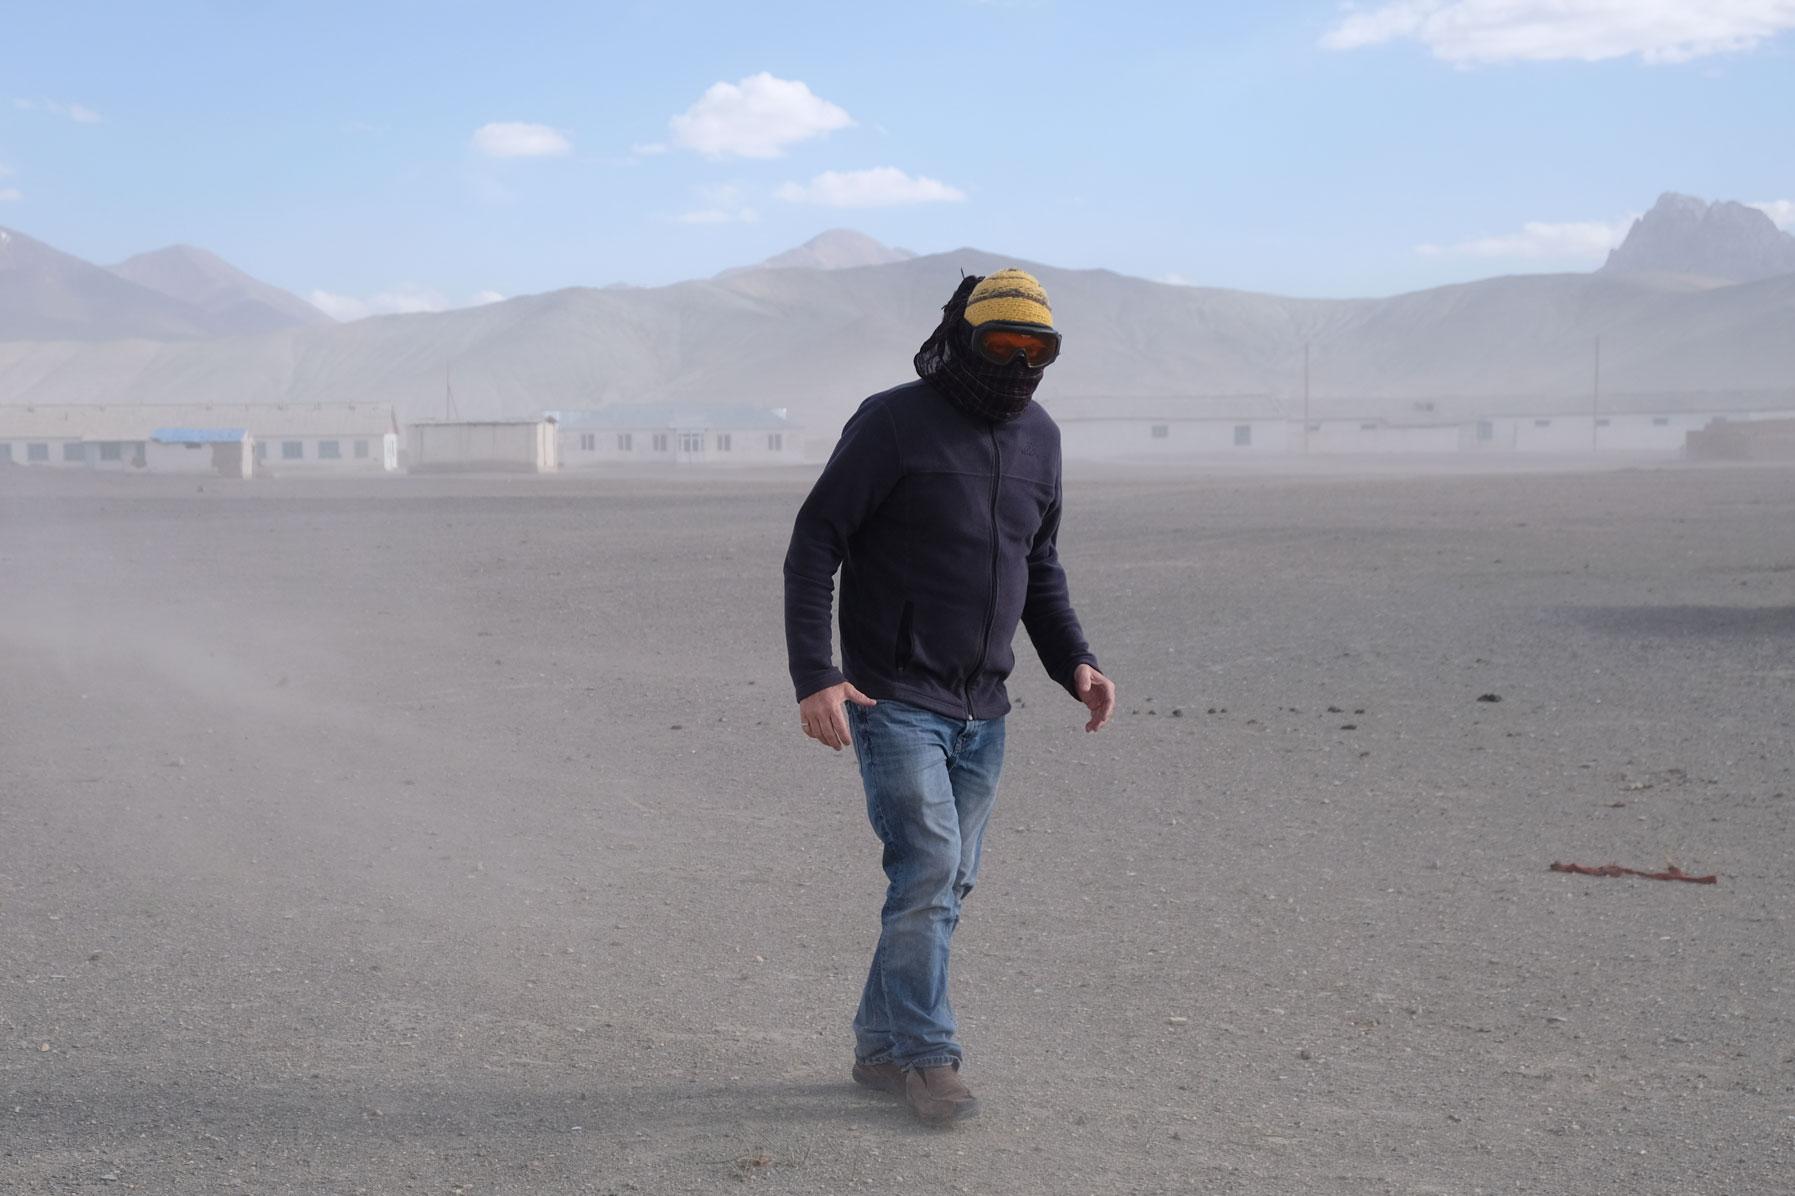 Ein vermummter Mann im Sandstrum in Rangkul.